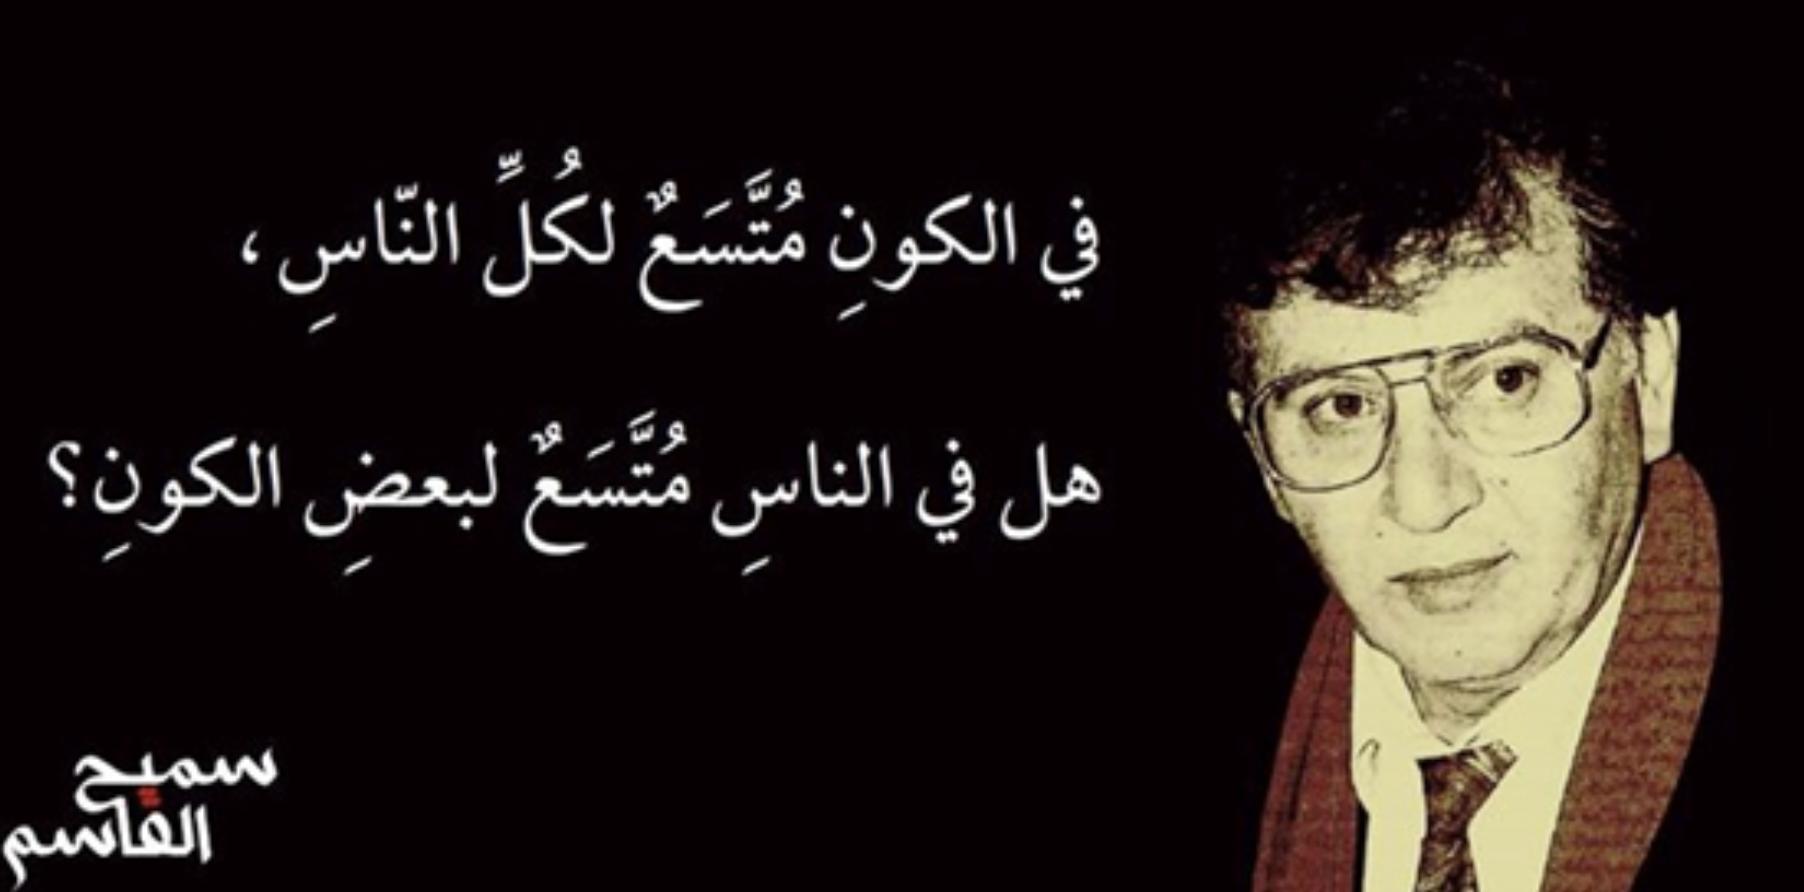 في ذكرى الشاعر الكبير  سميح القاسم